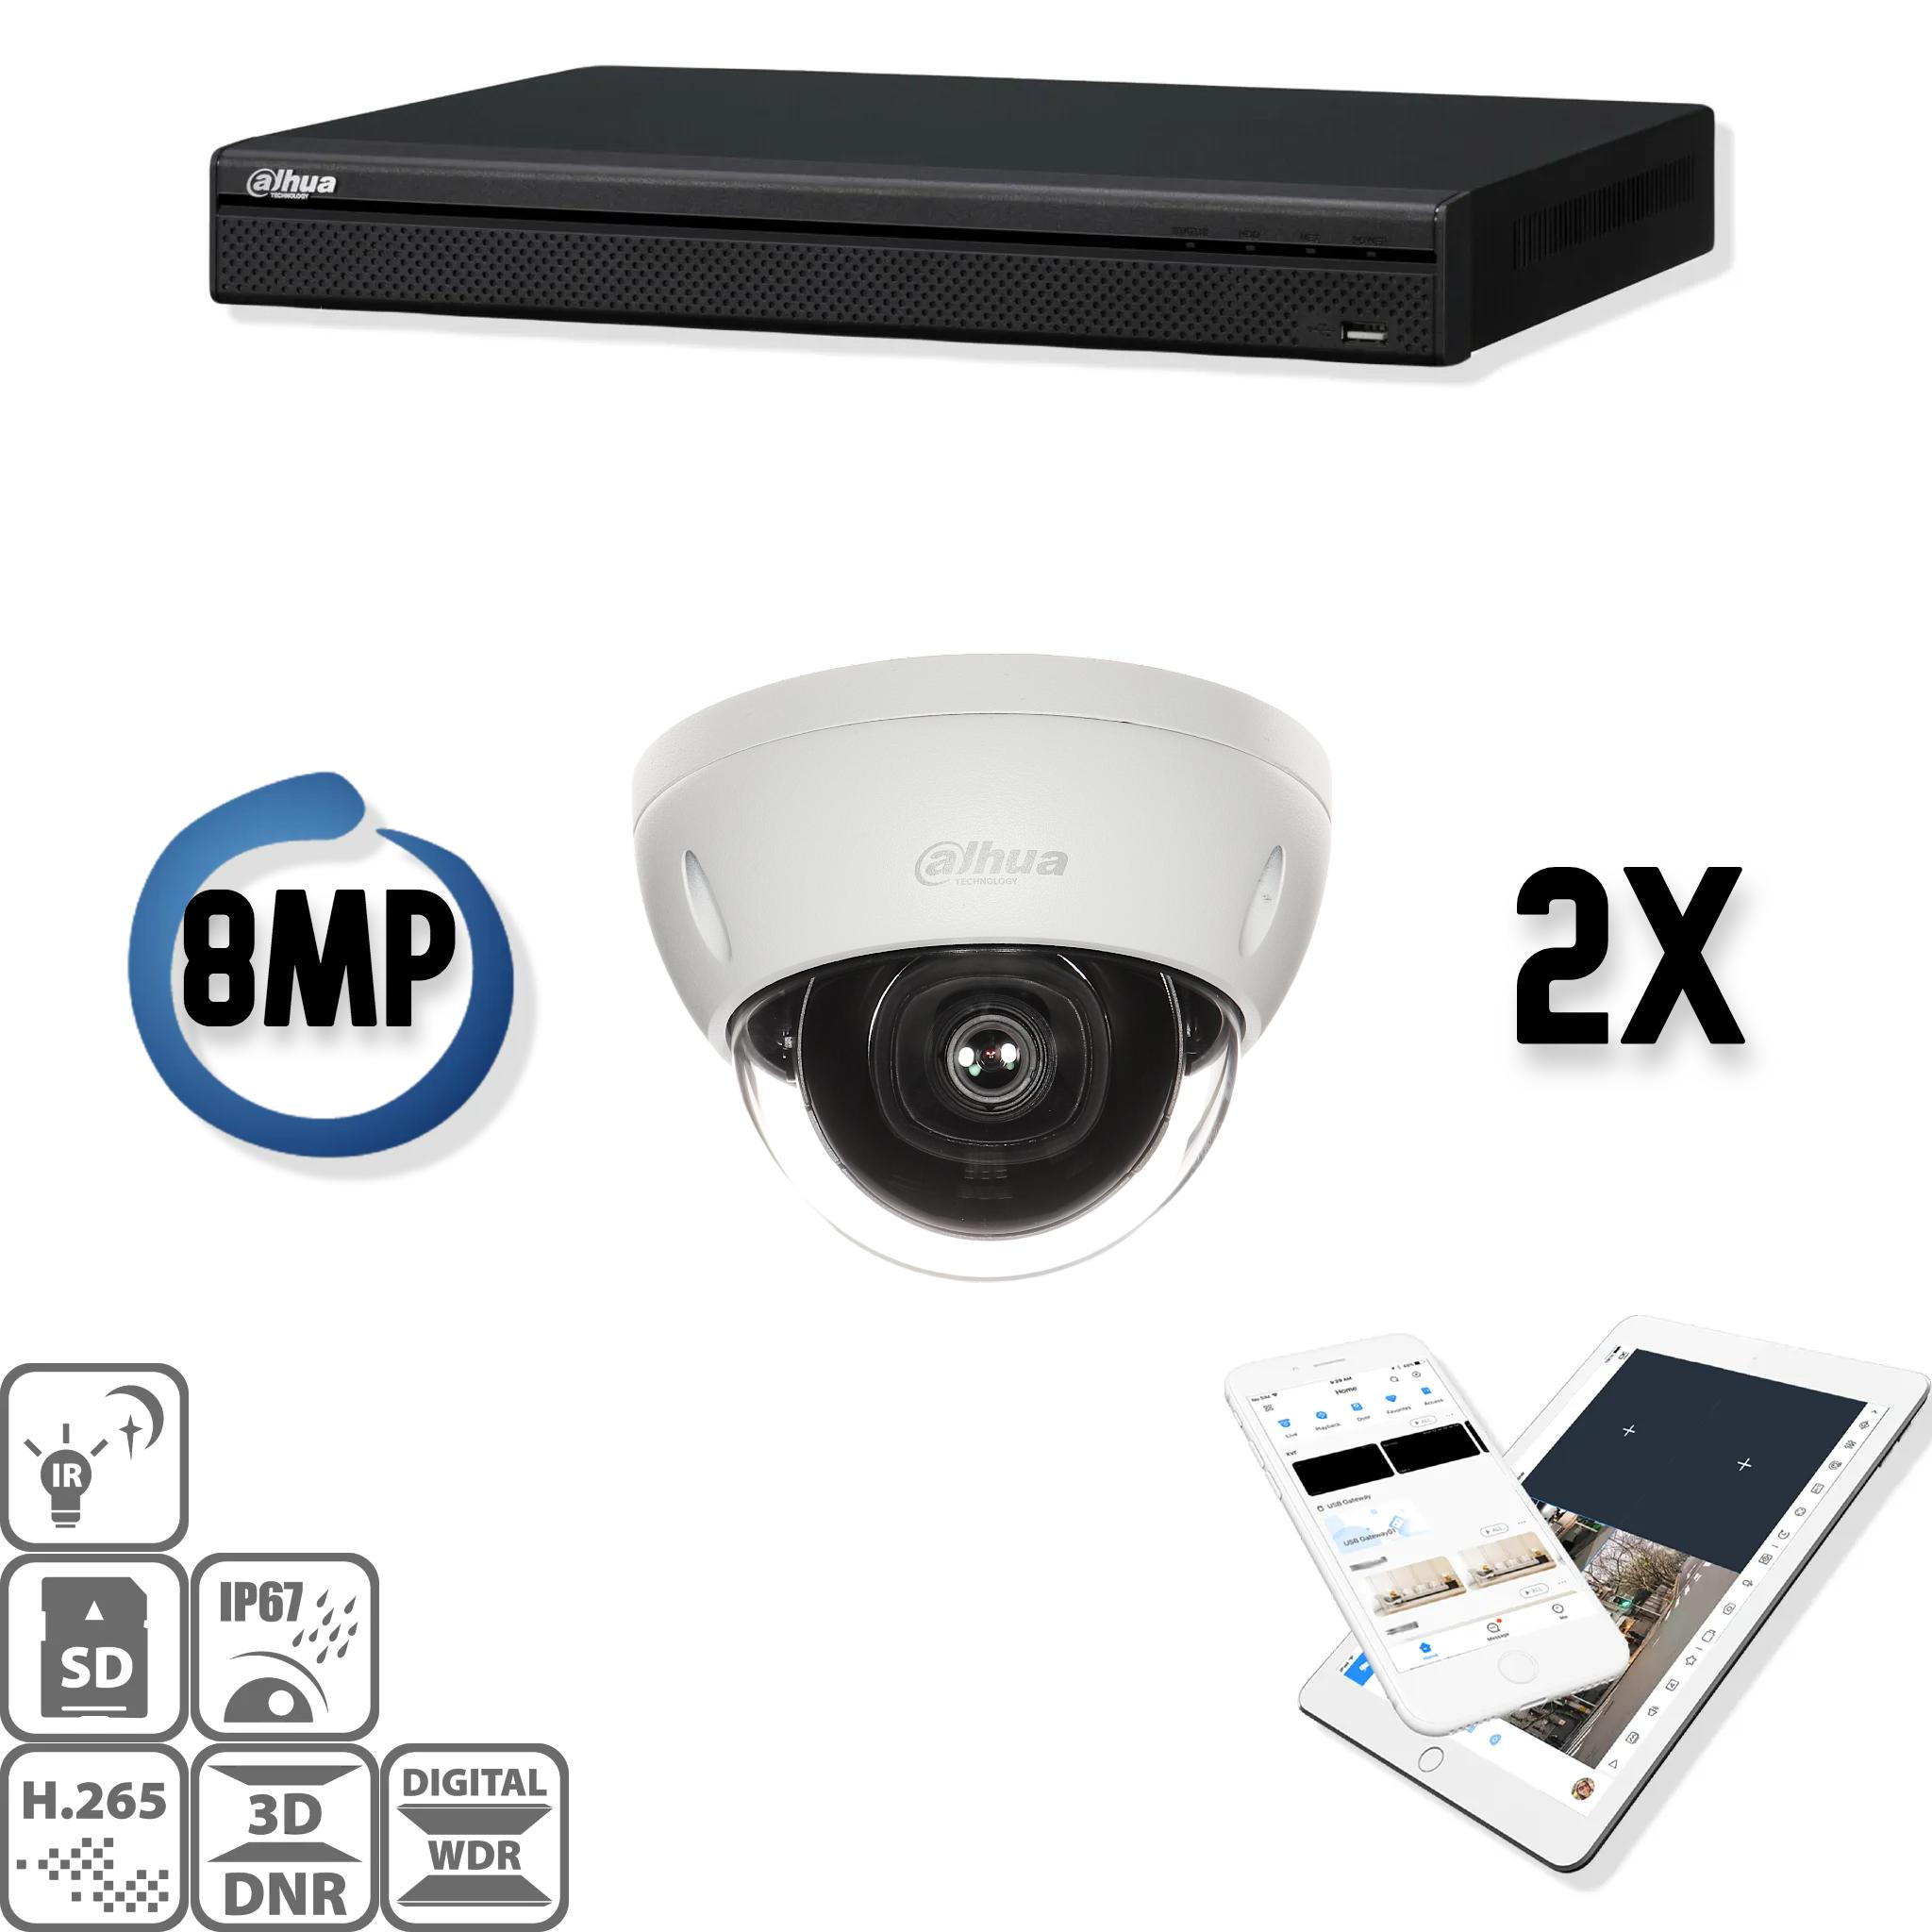 Kit IP 2x dome 8MP O conjunto de segurança de câmera ultra HD contém 2 câmeras IP, que são adequadas para ambientes externos. As câmeras têm qualidade de imagem Ultra HD com LEDs IR para uma visão perfeita no escuro. Este conjunto de câmera Ultra HD IP of